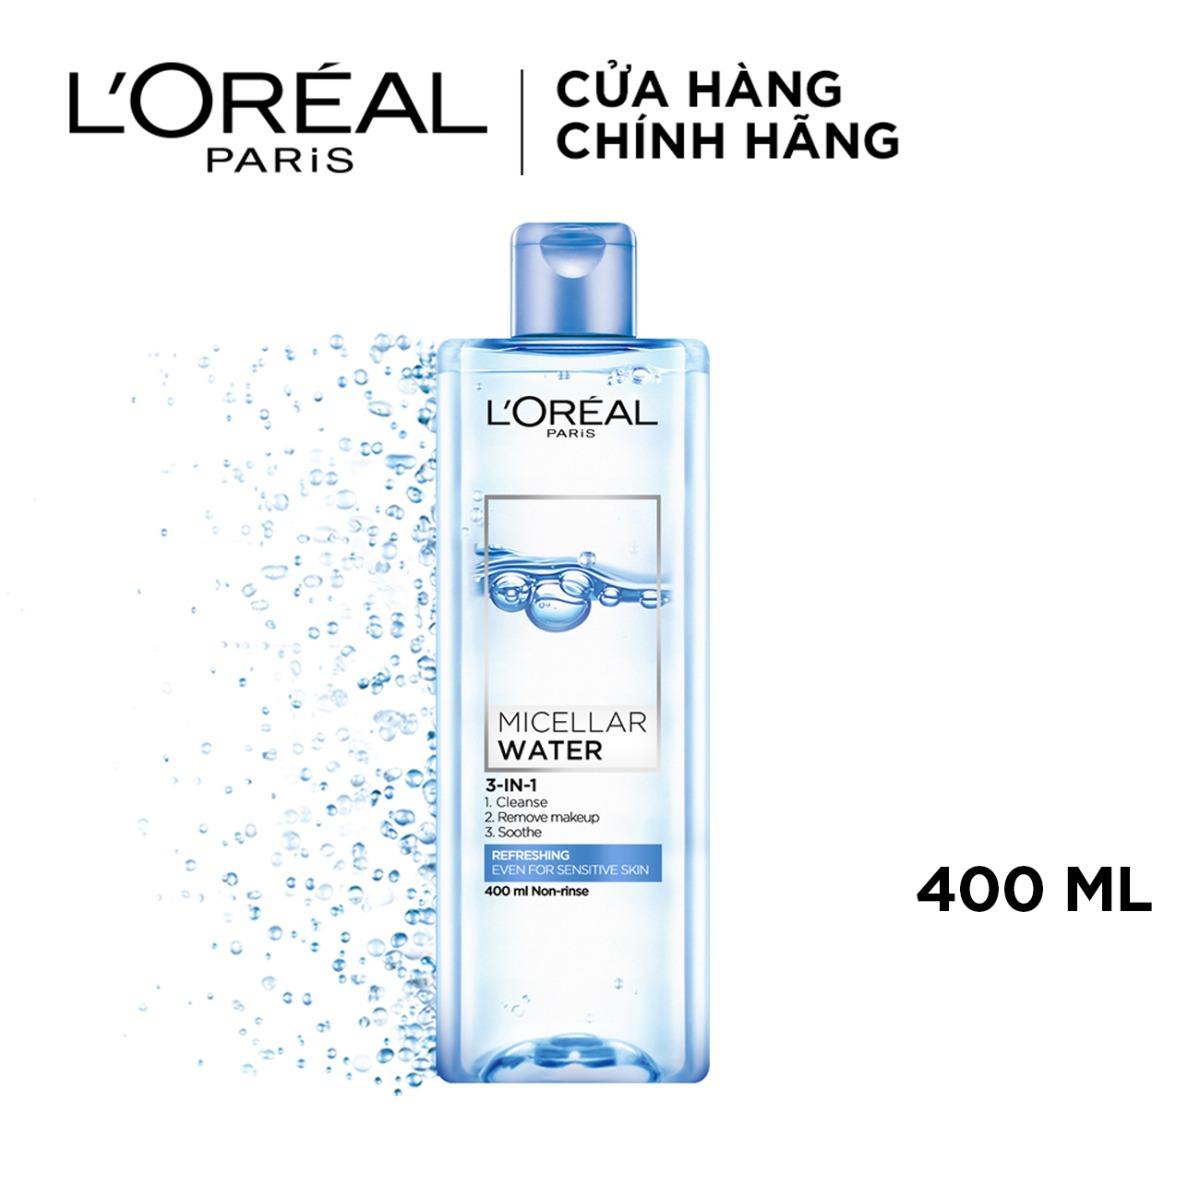 Nước tẩy trang L'Oreal Paris Micellar Water tươi mát 95ml - 400ml (xanh dương nhạt)